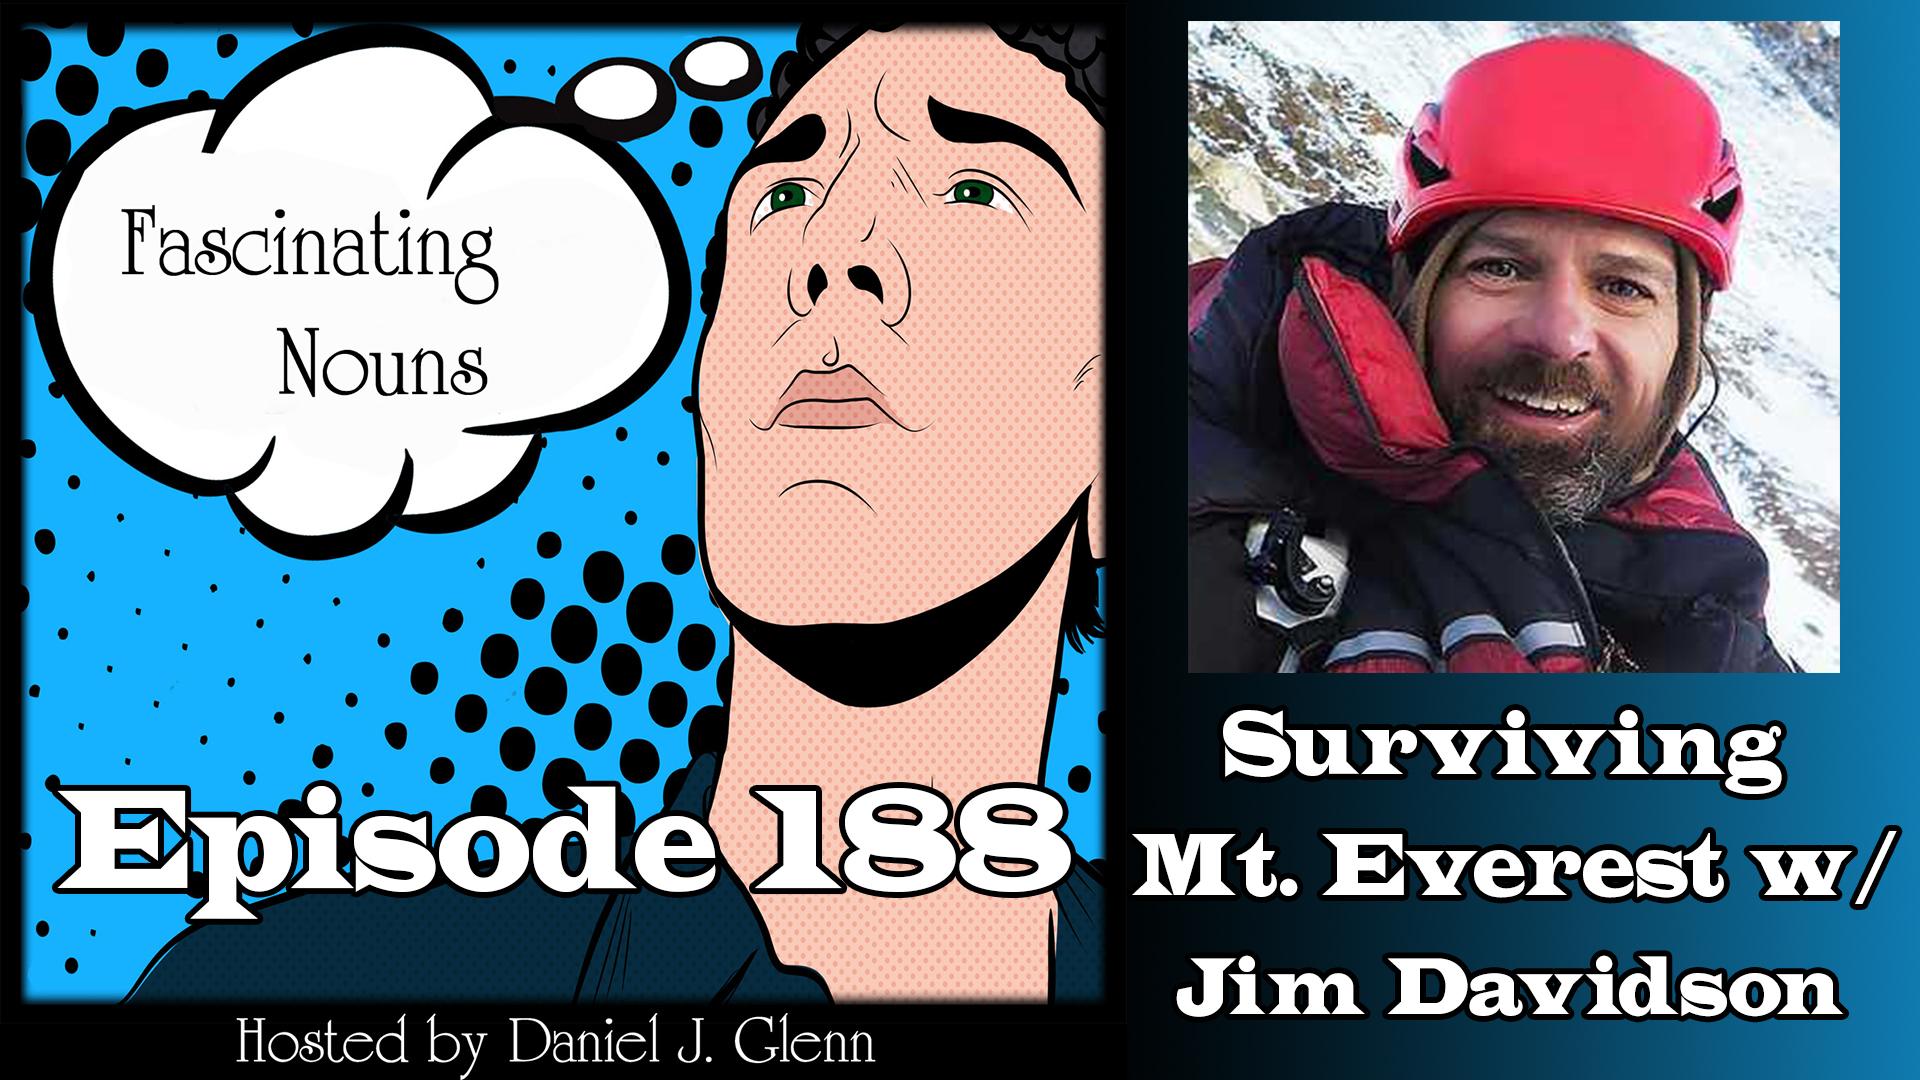 Ep. 188:  Surviving Mt. Everest